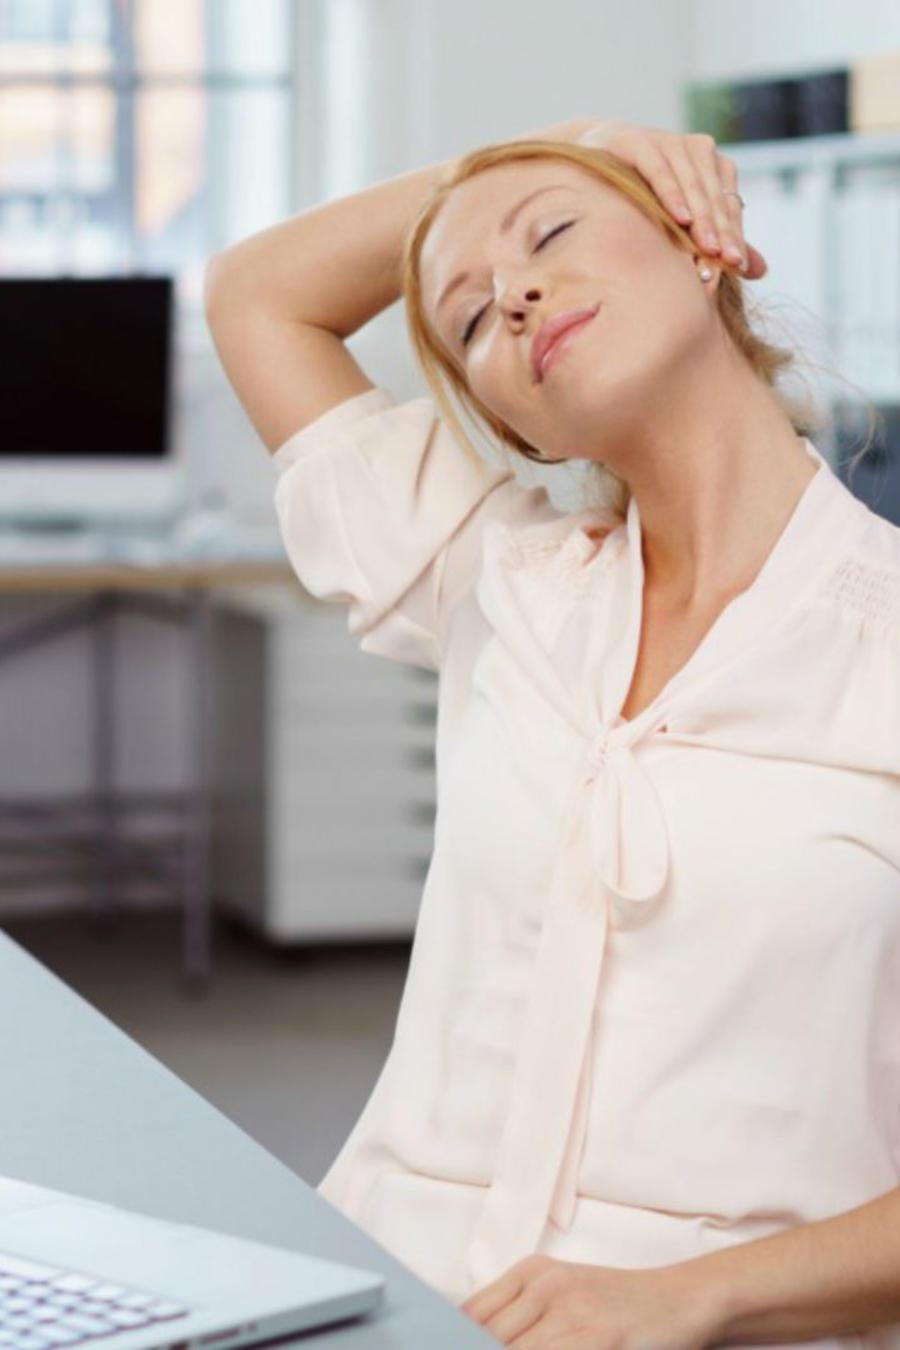 Mujer sentada y trabajando